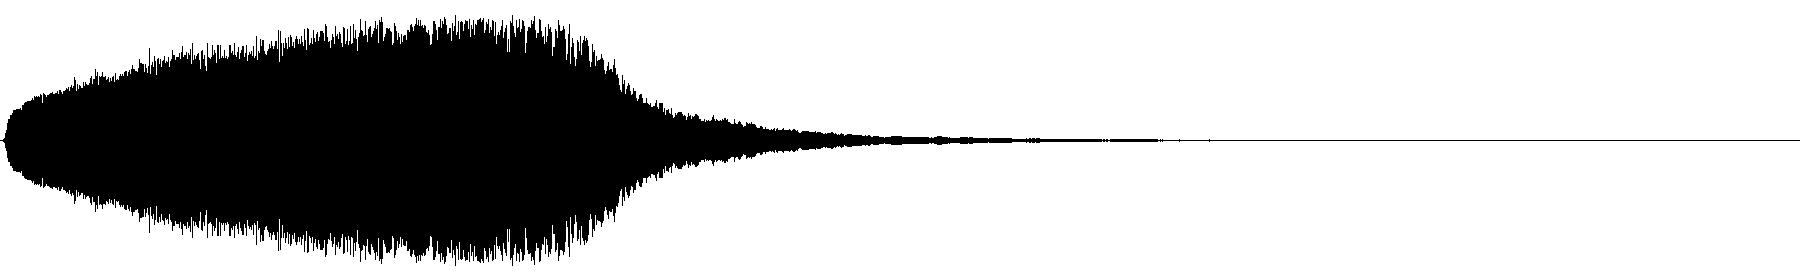 ehu sfx 003